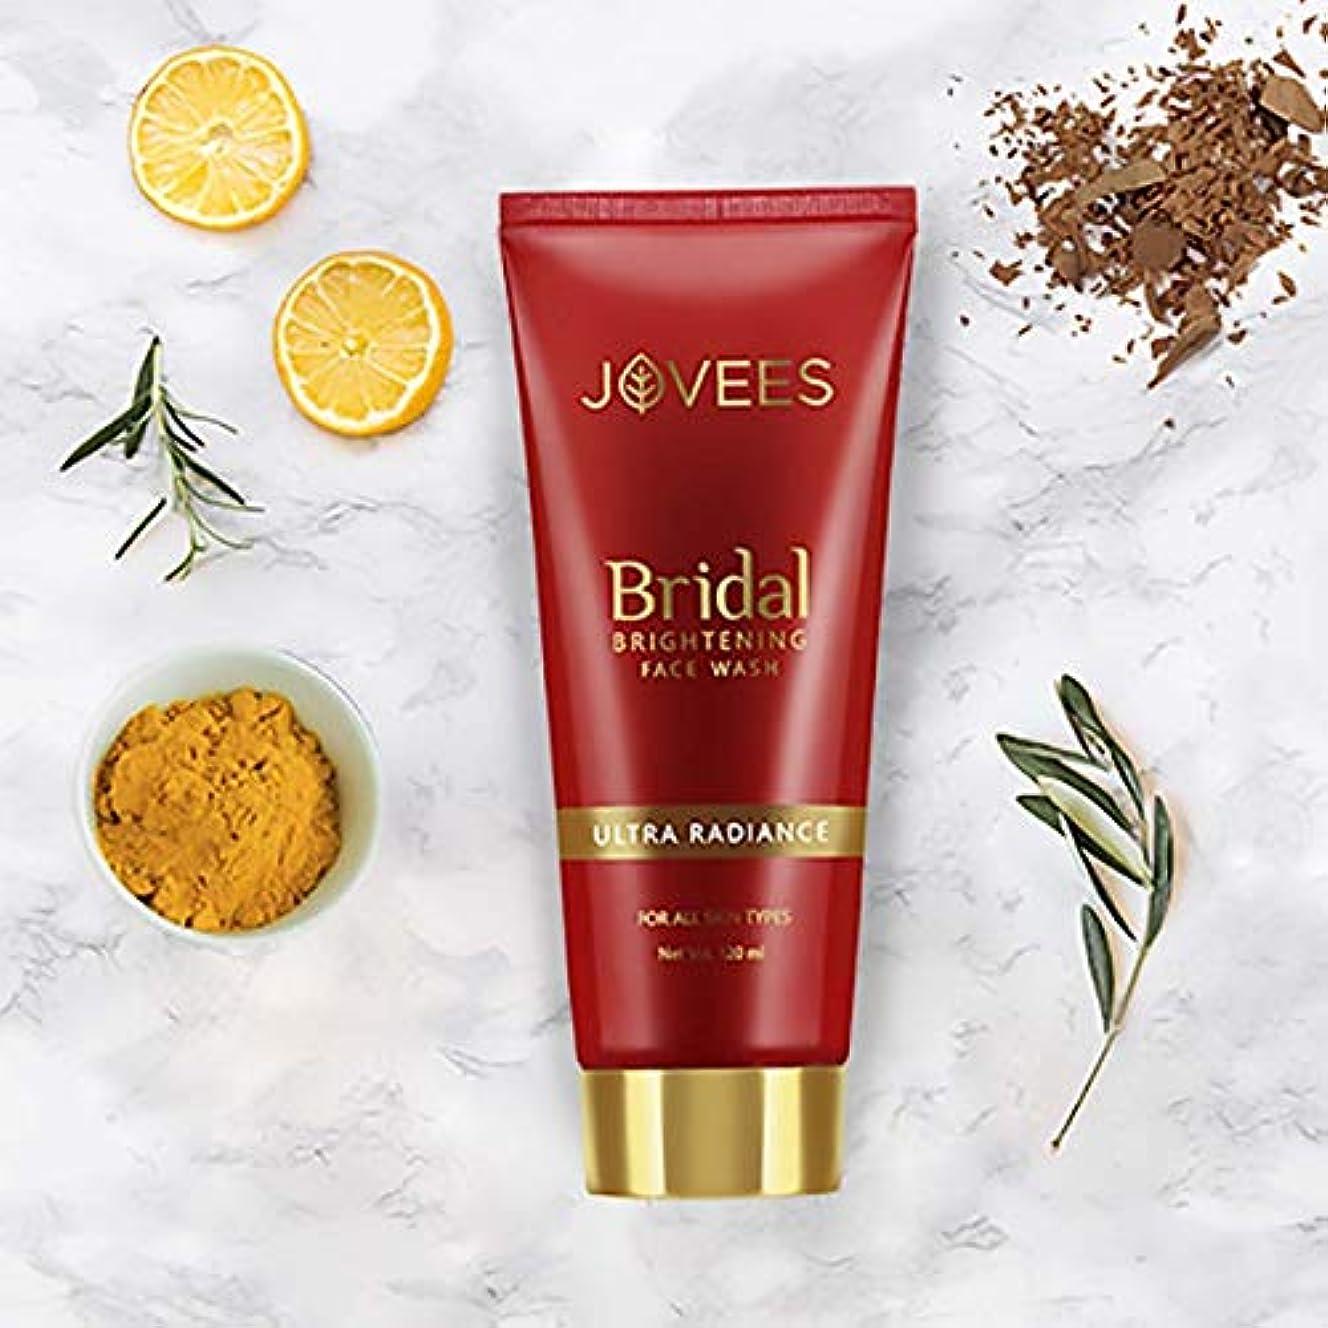 にもかかわらず発疹印刷するJovees Bridal Brightening Face Wash 120ml Ultra Radiance Even & brighter complex